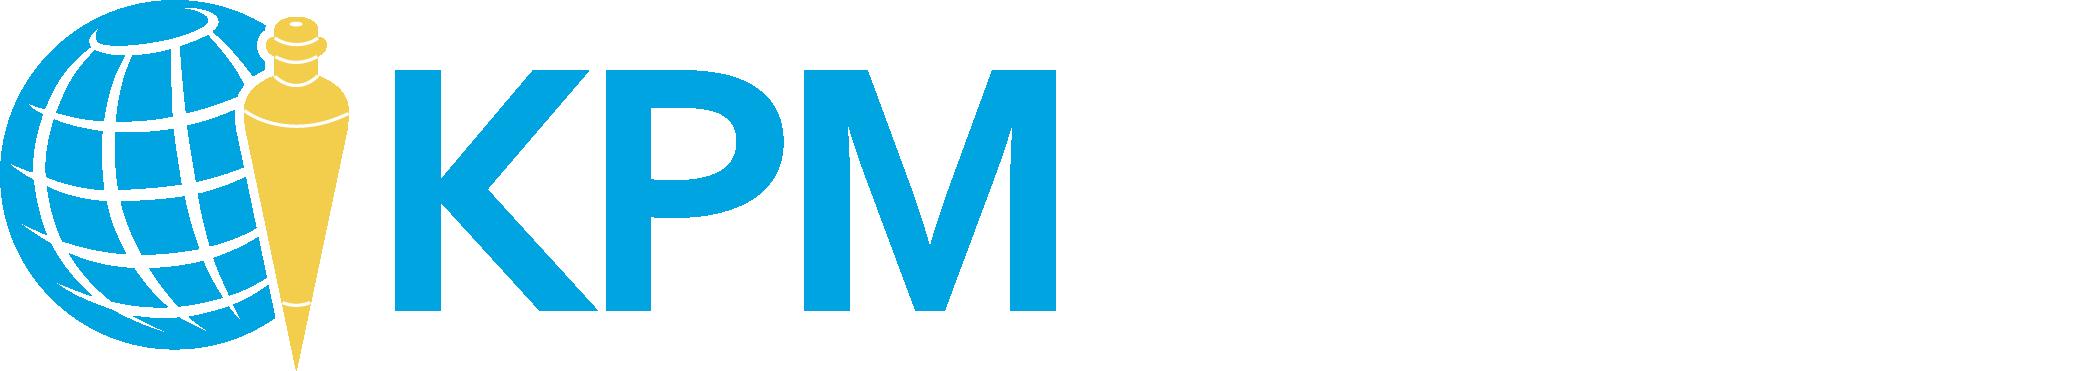 KPMFRANKLIN